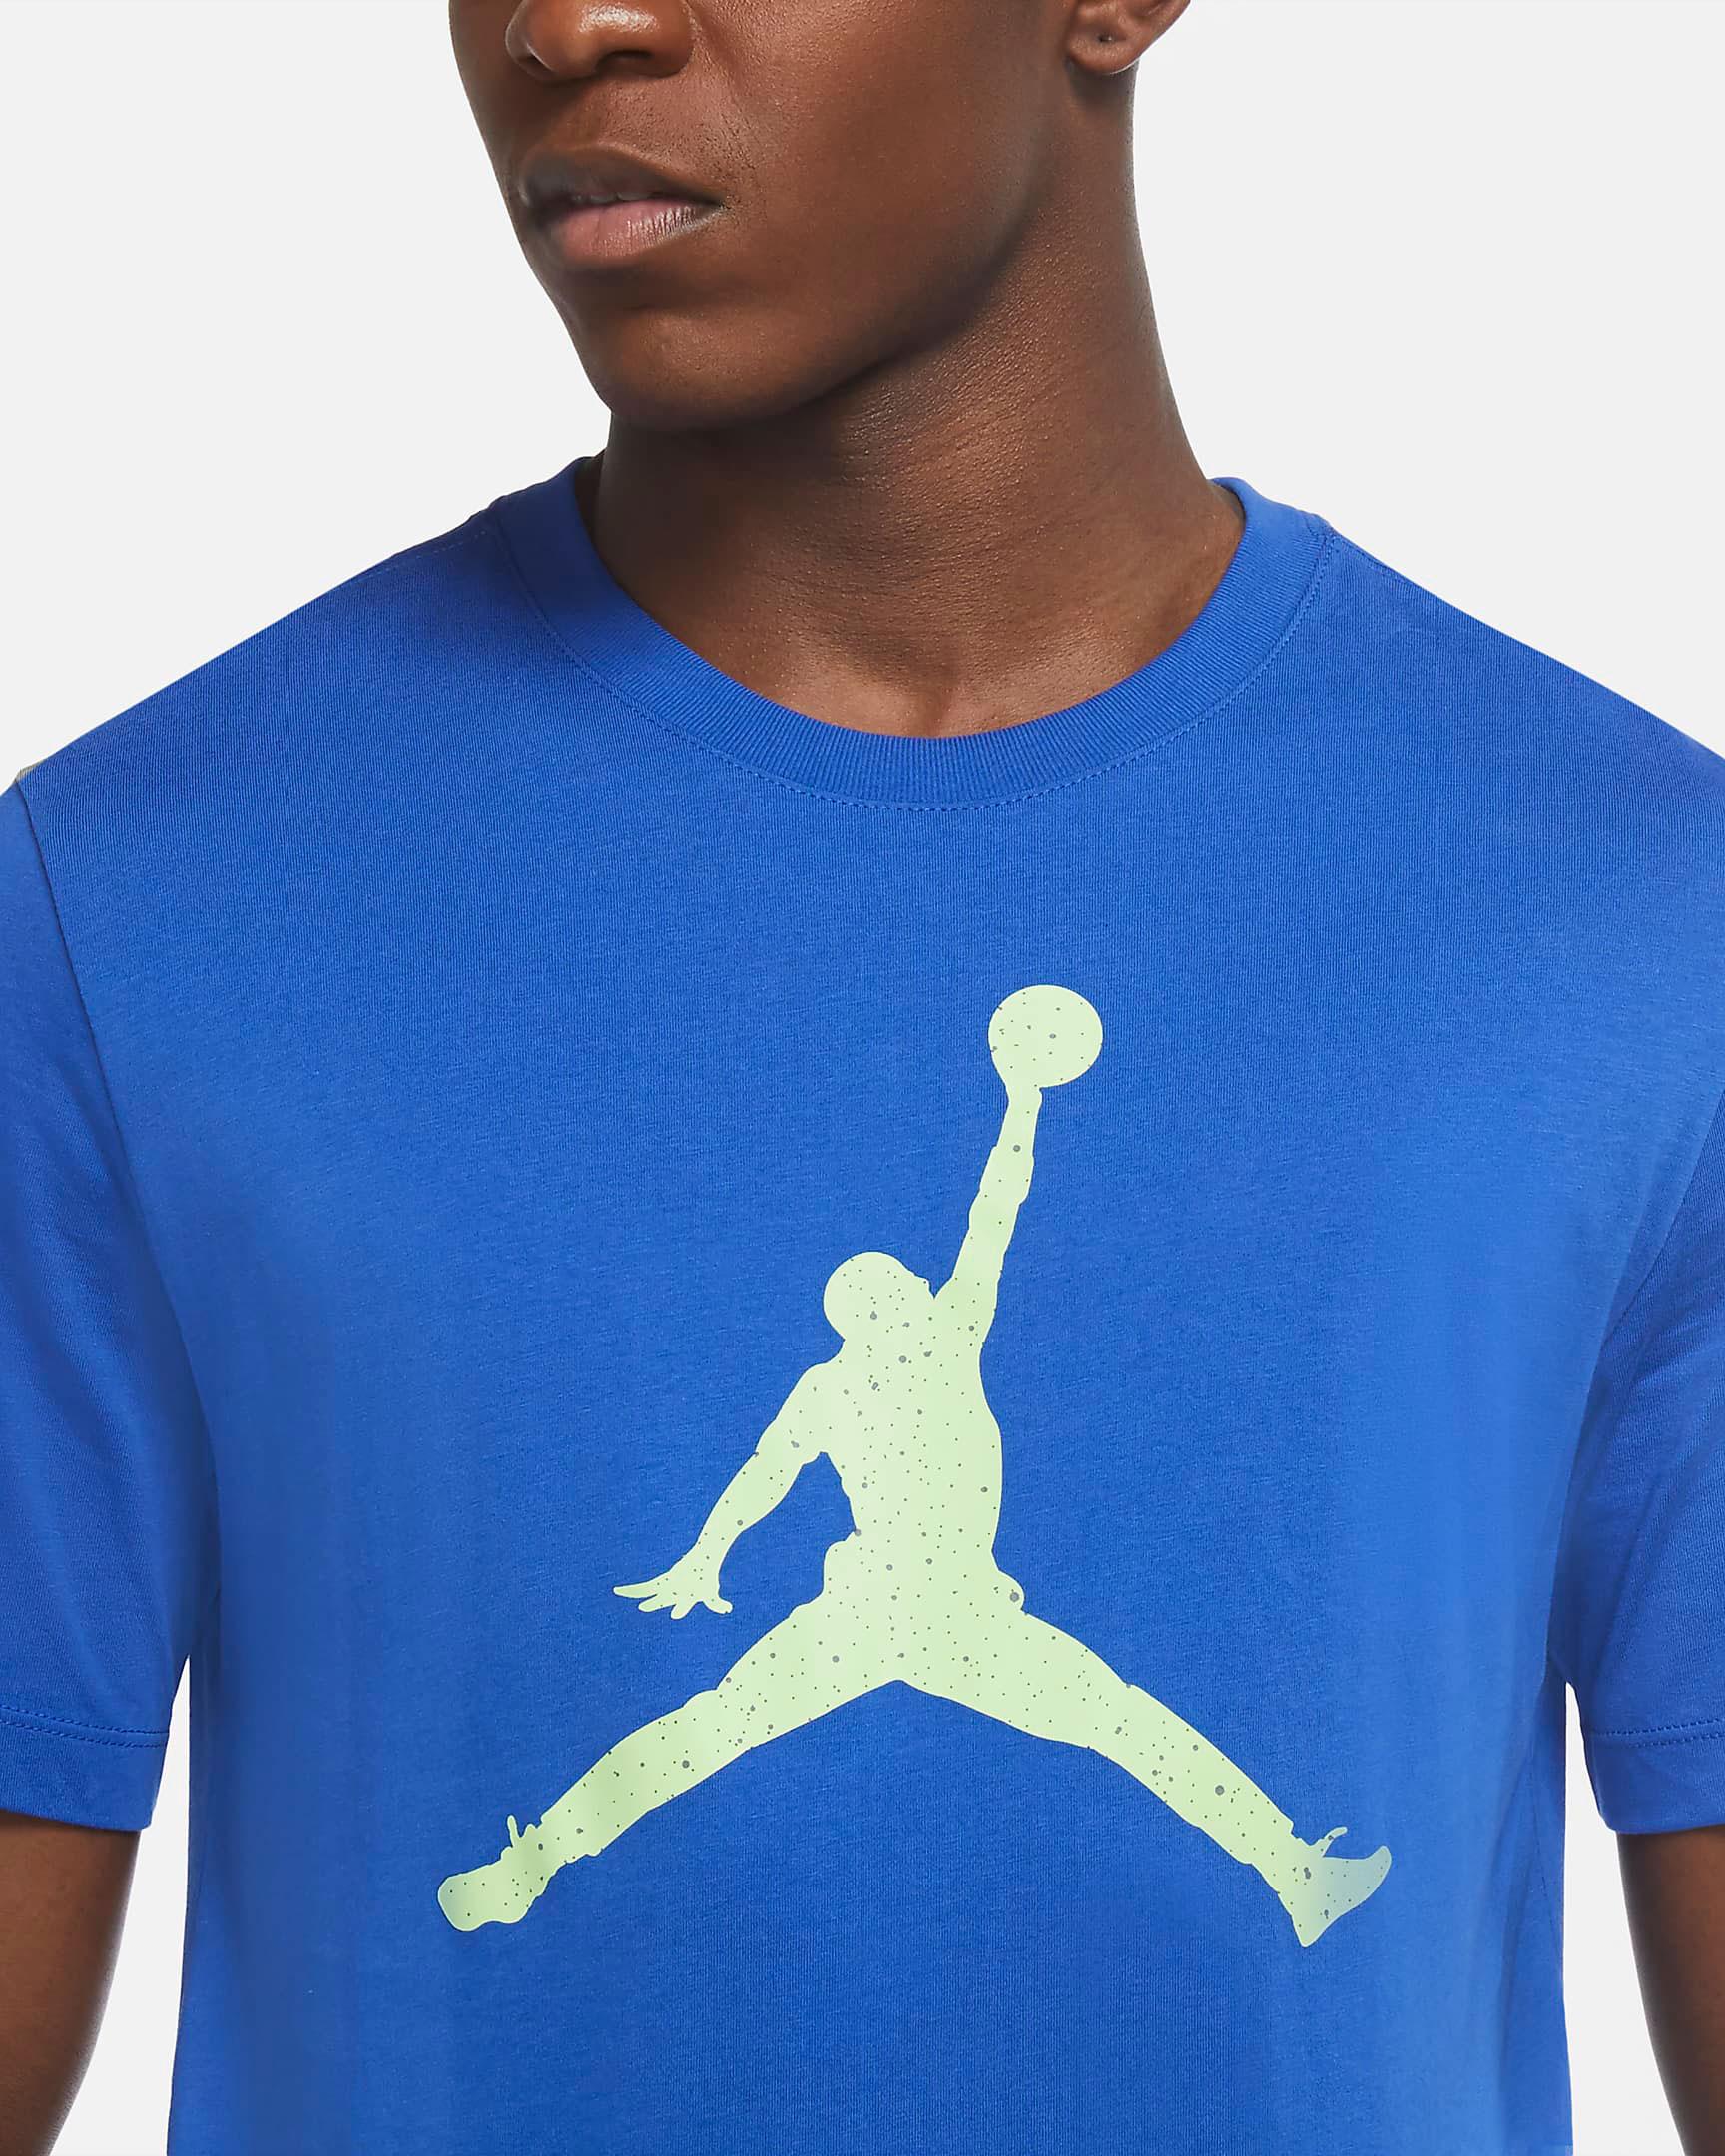 air-jordan-13-hyper-royal-shirt